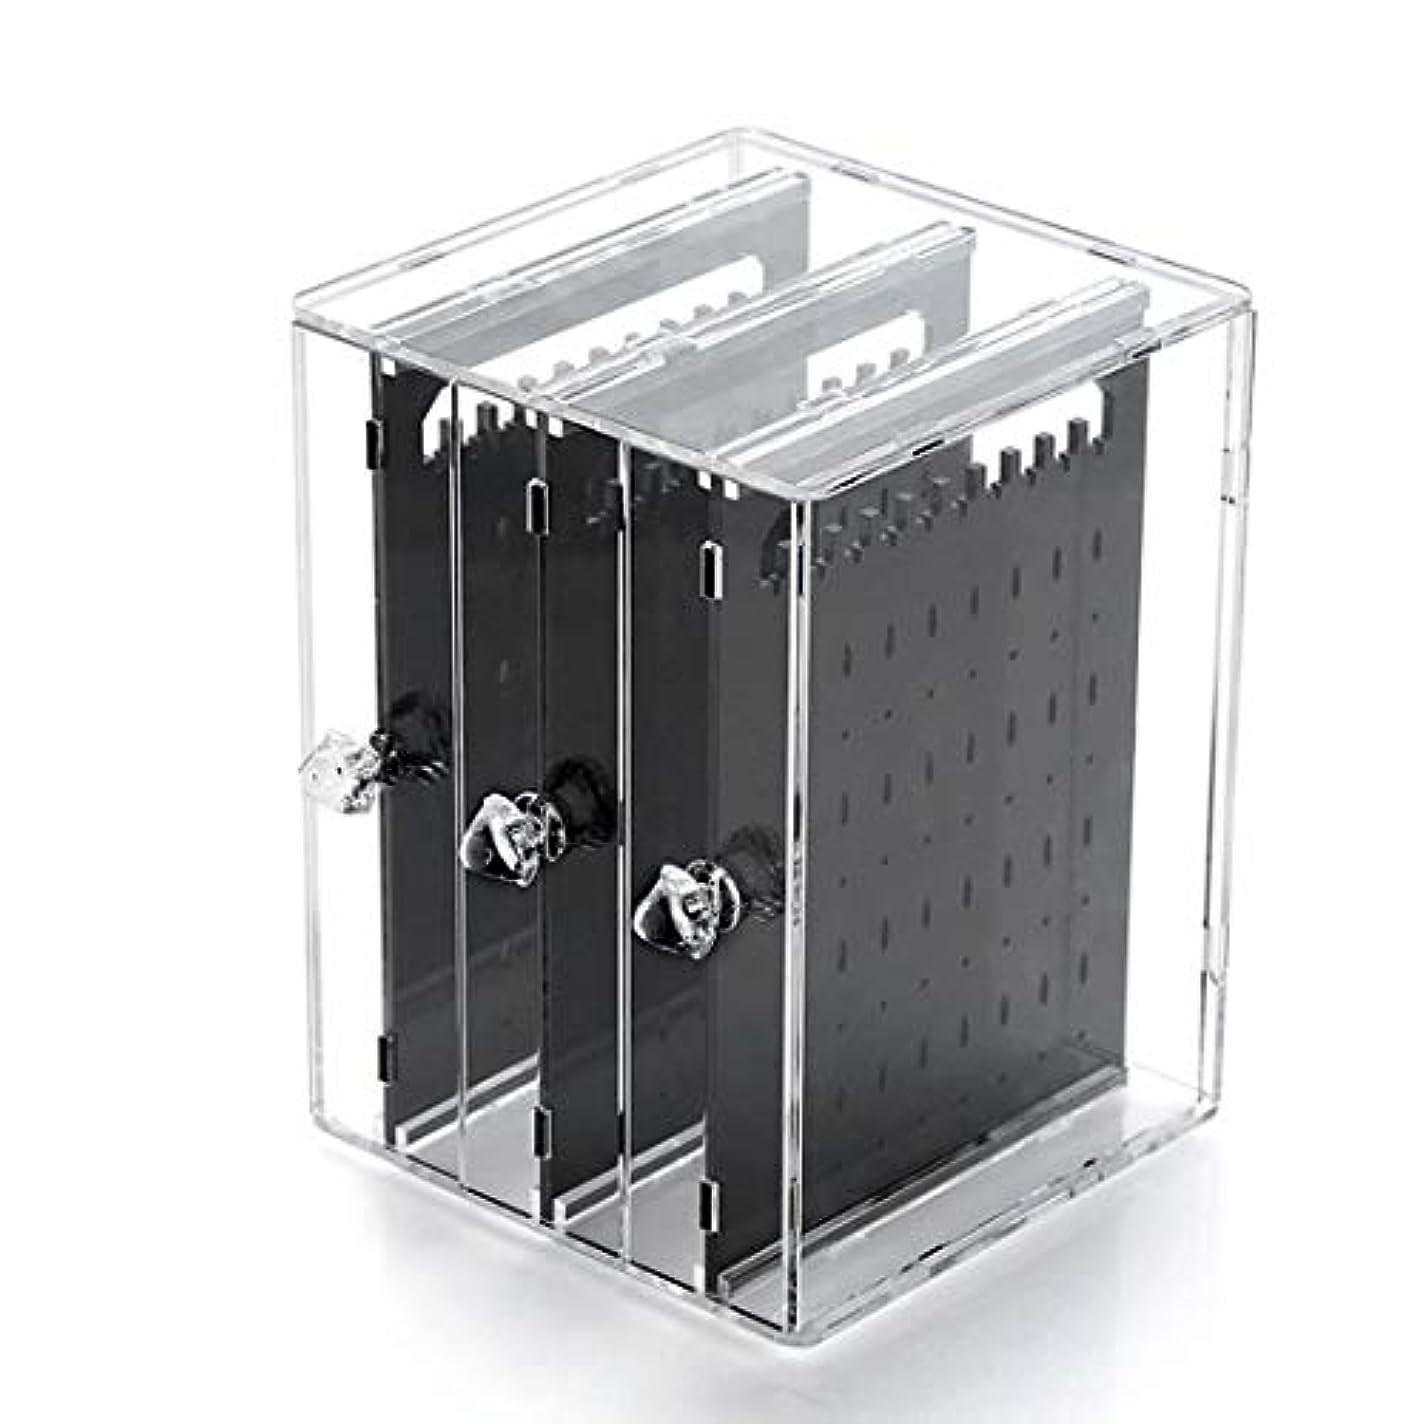 ガロンボウリング単位Ryohan ピアス&イアリングスタンド ジュエリー収納 アクリル樹脂 引き出し式ピアス収納スタンド アクセサリー収納 (透明)